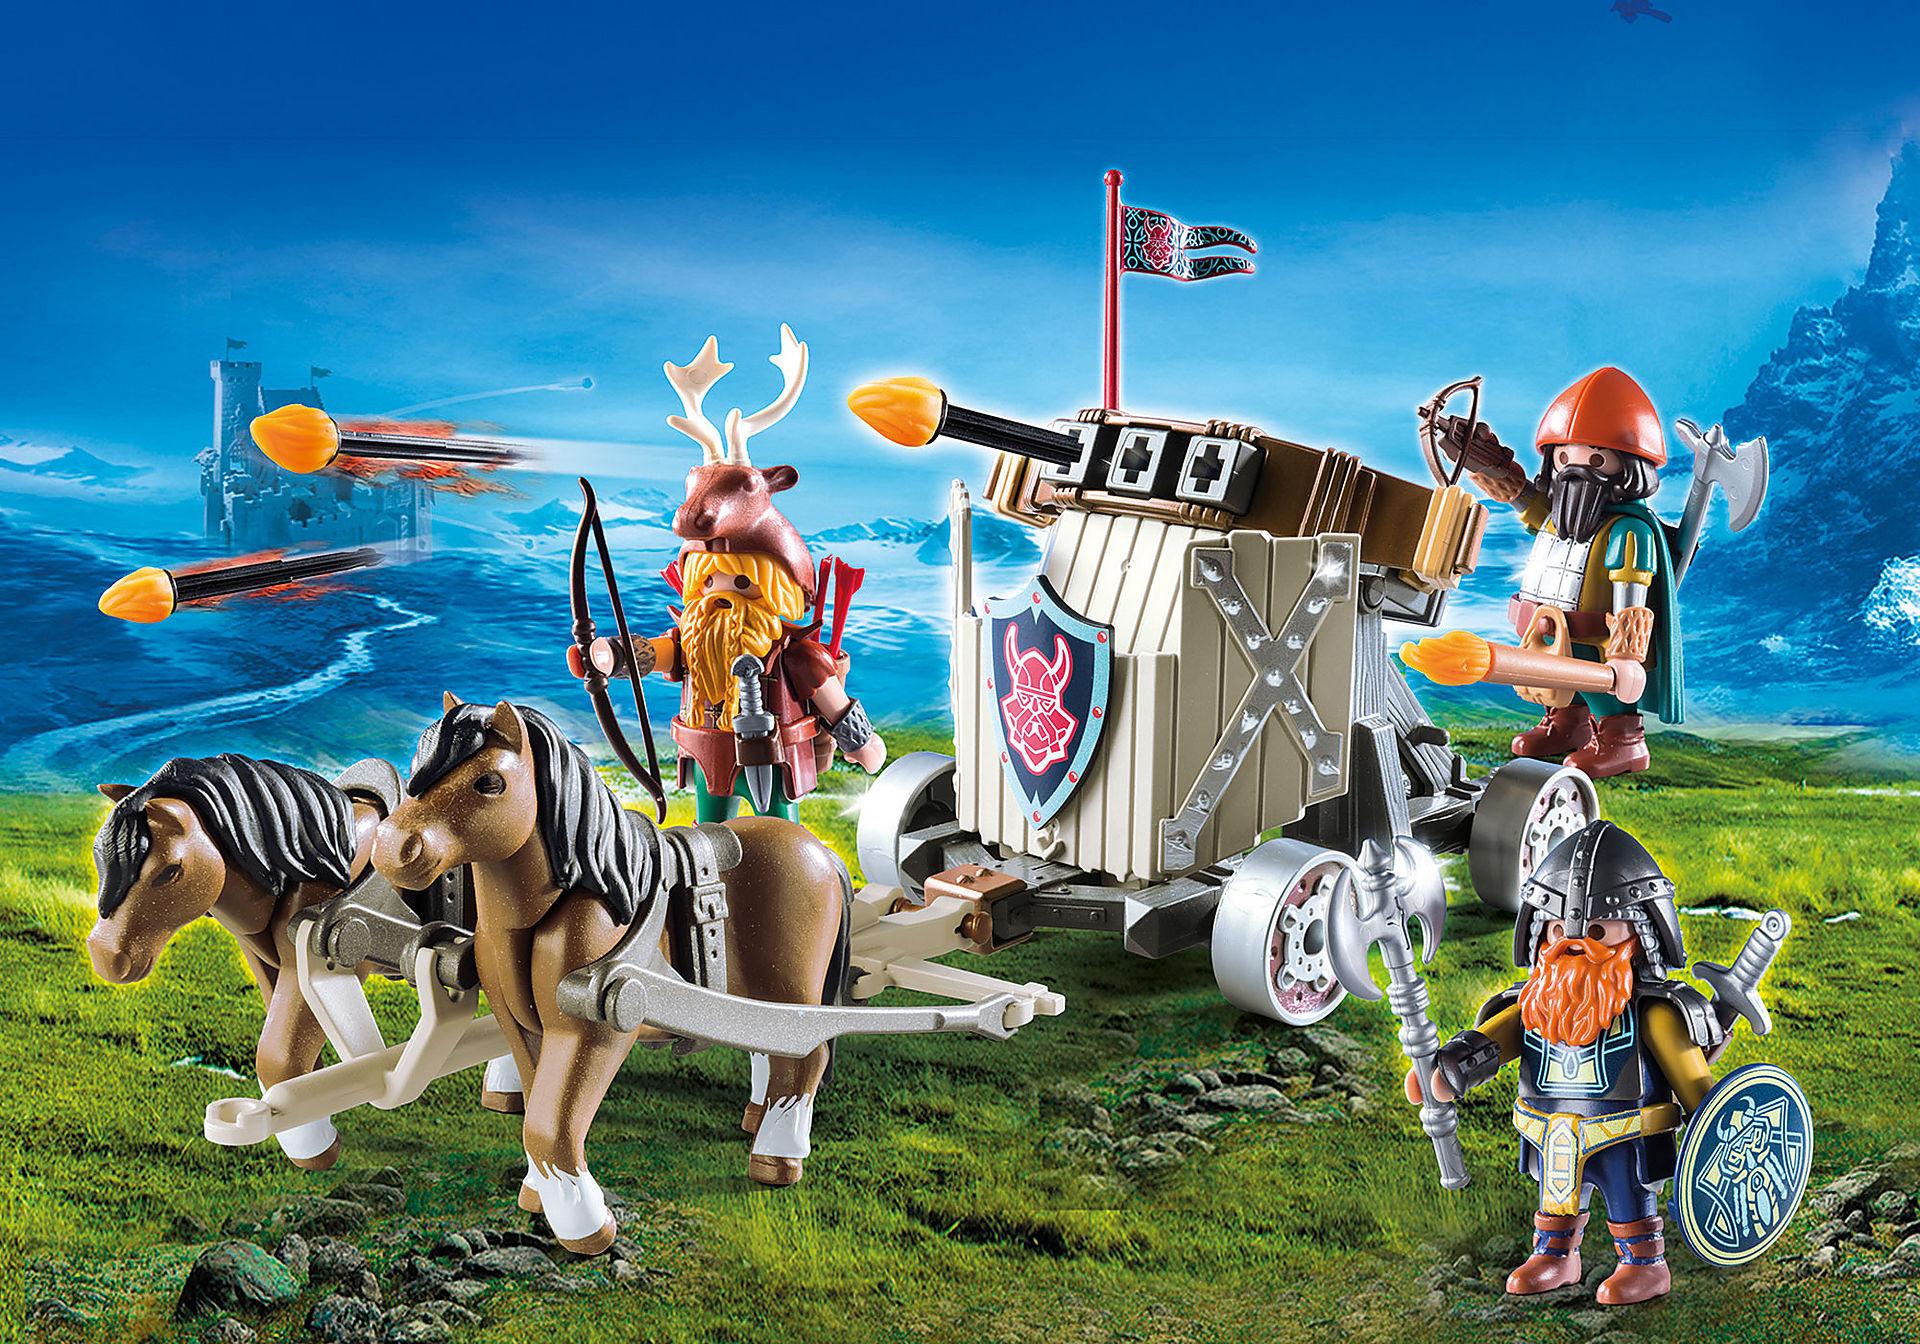 9341 Βαλλίστρα Νάνων με άλογα Πόνυ zoom image1